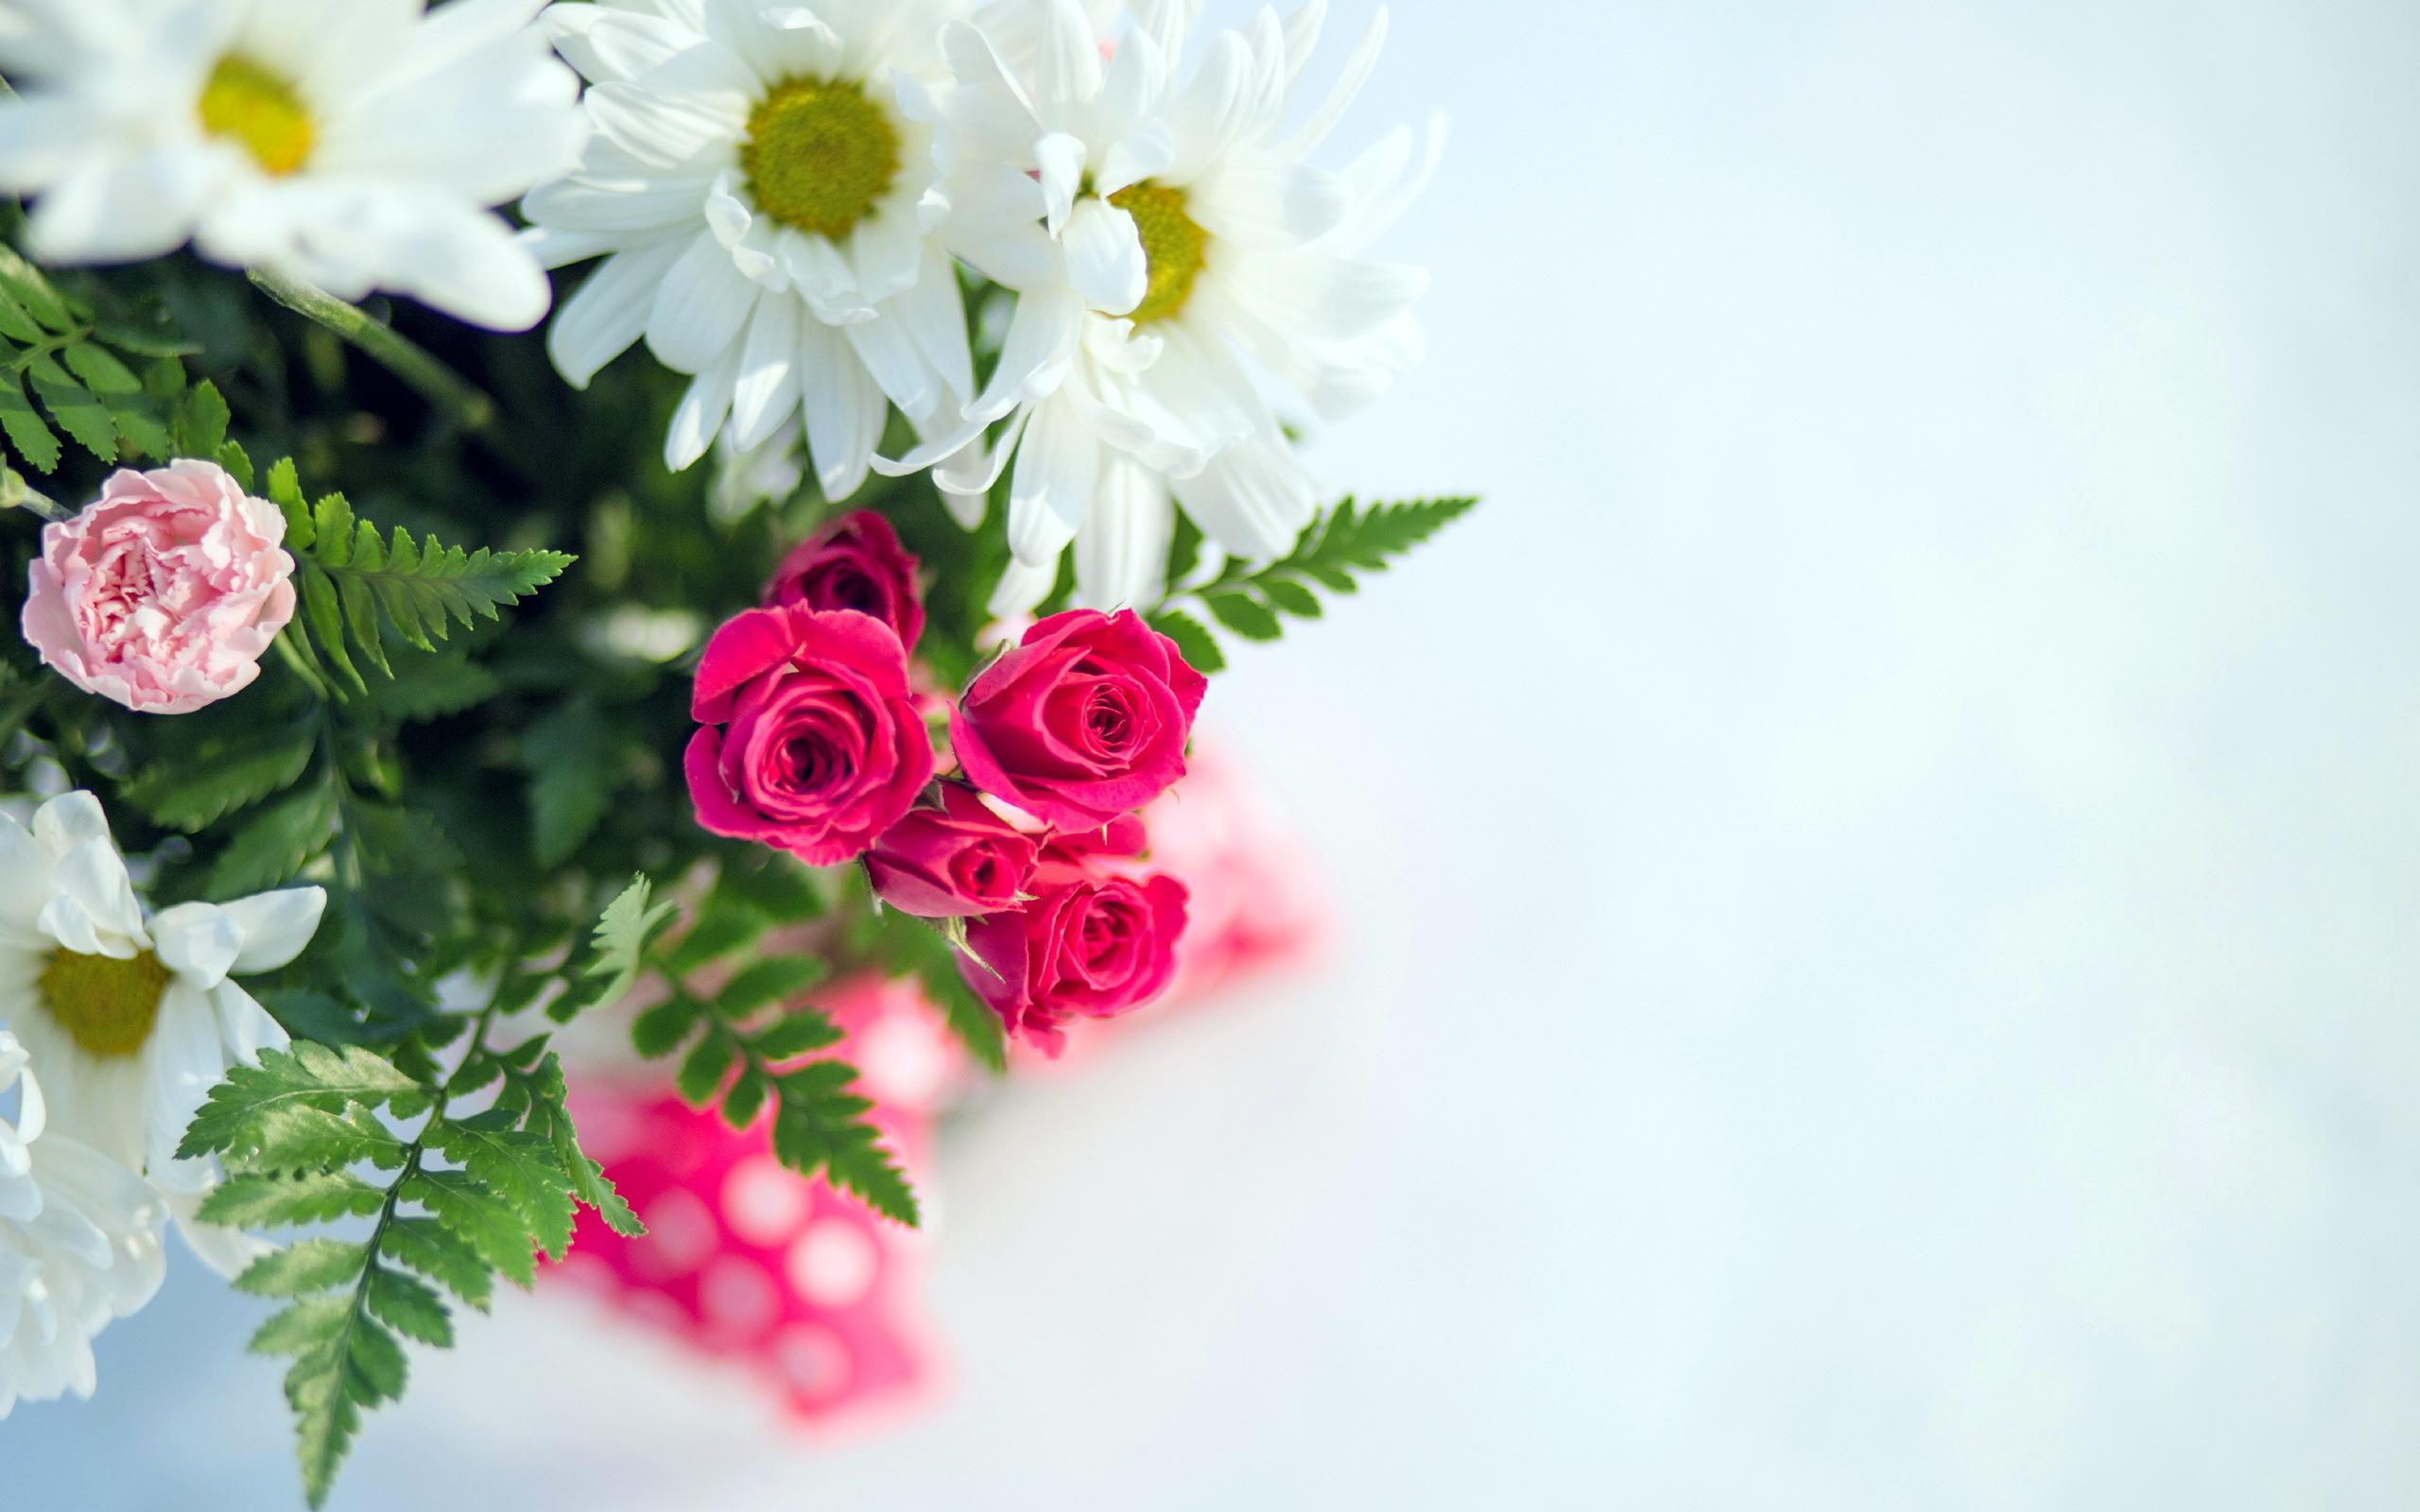 Картинка с днем рождения фон цветы, днем рождения внуку